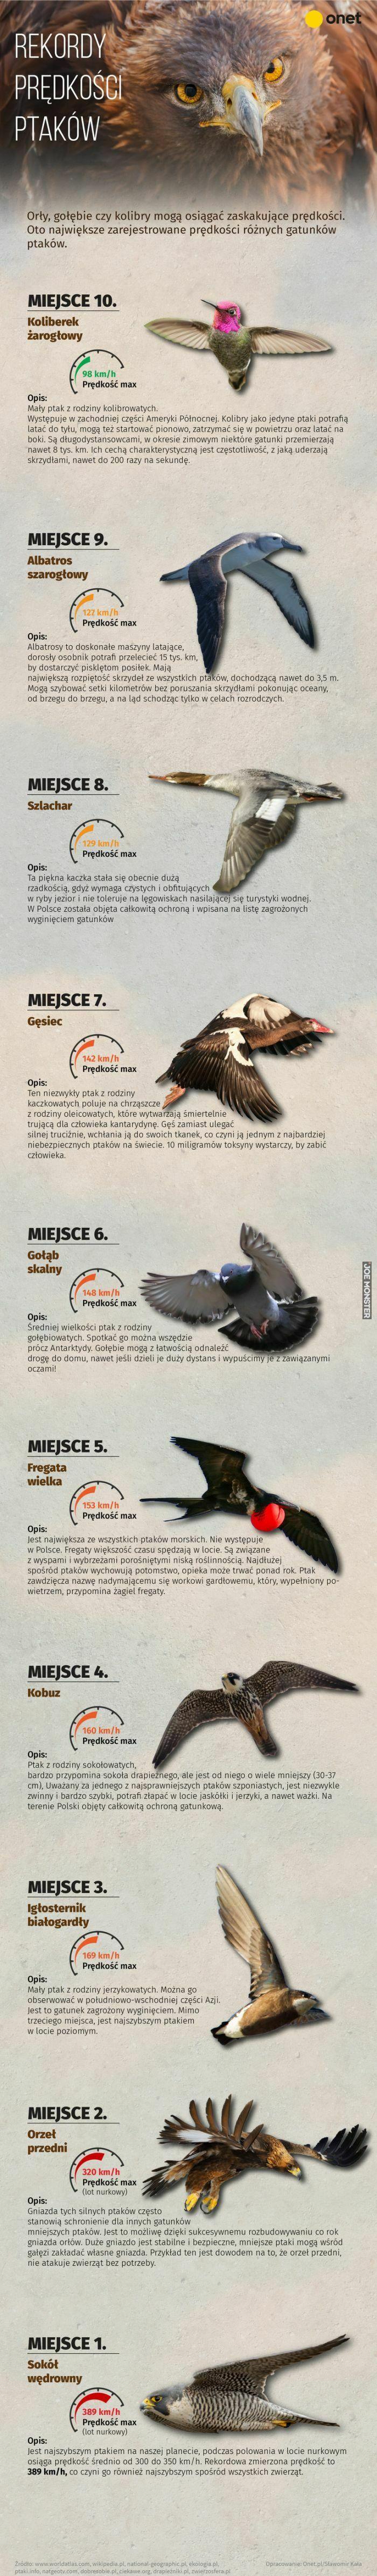 rekordy prędkości ptaków